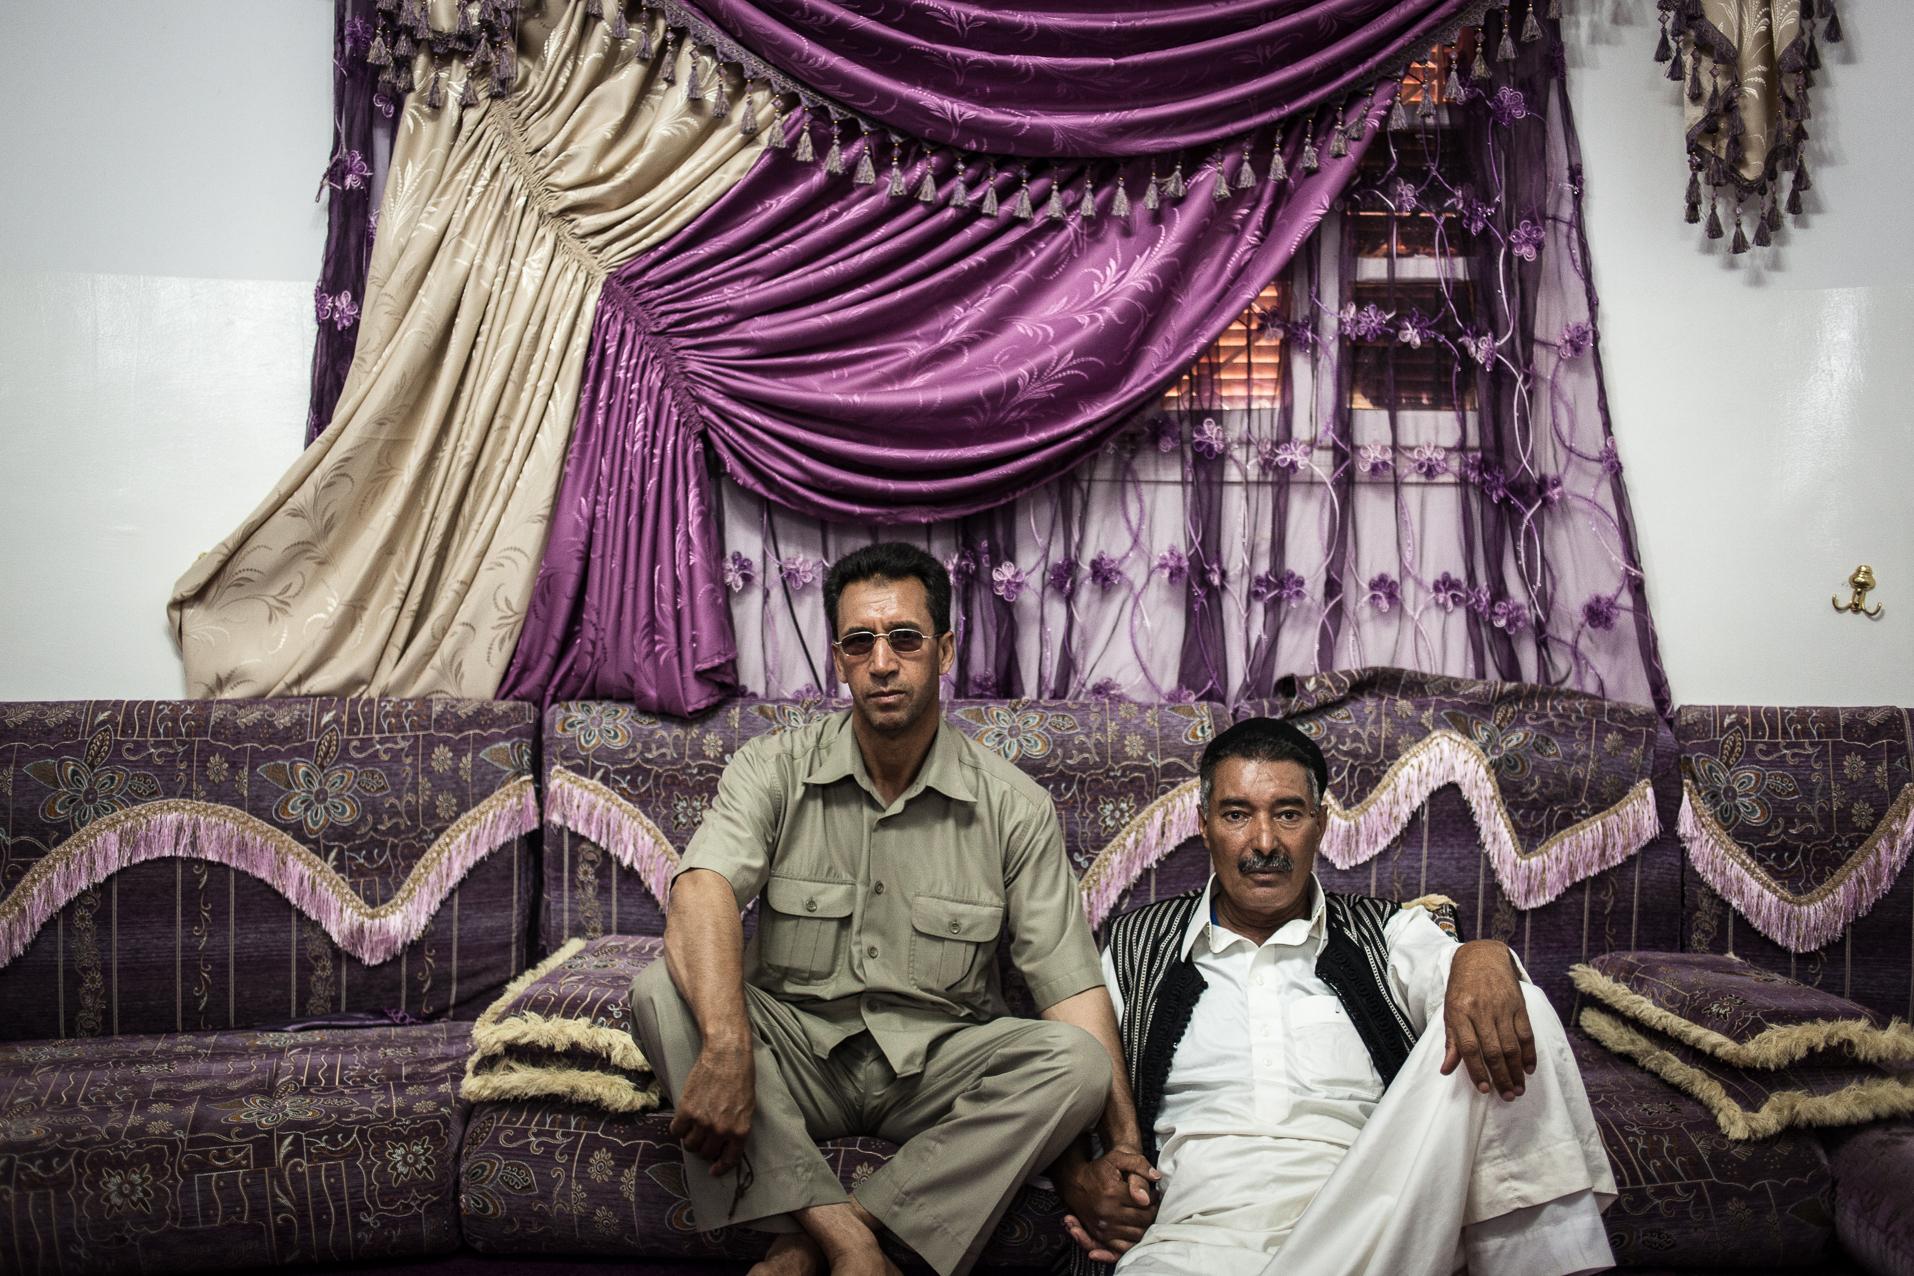 Cheguiga, Libye, juillet 2012. Les différents chefs tribaux des Machachia se réunissent pour évoquer le conflit qui les oppose à la brigade de Zenten, qui les accuse encore d'être fidèles au régime de moammar Kadhafi, un an après la chute du dictateur.  Cheguiga, Libya, 1st July 2012. Various Machachia tribal leaders meet to discuss the conflict that opposes the Zenten brigade, who accuses them still to be loyal to the regime of Muammar Gaddafi, a year after the fall of the dictator.